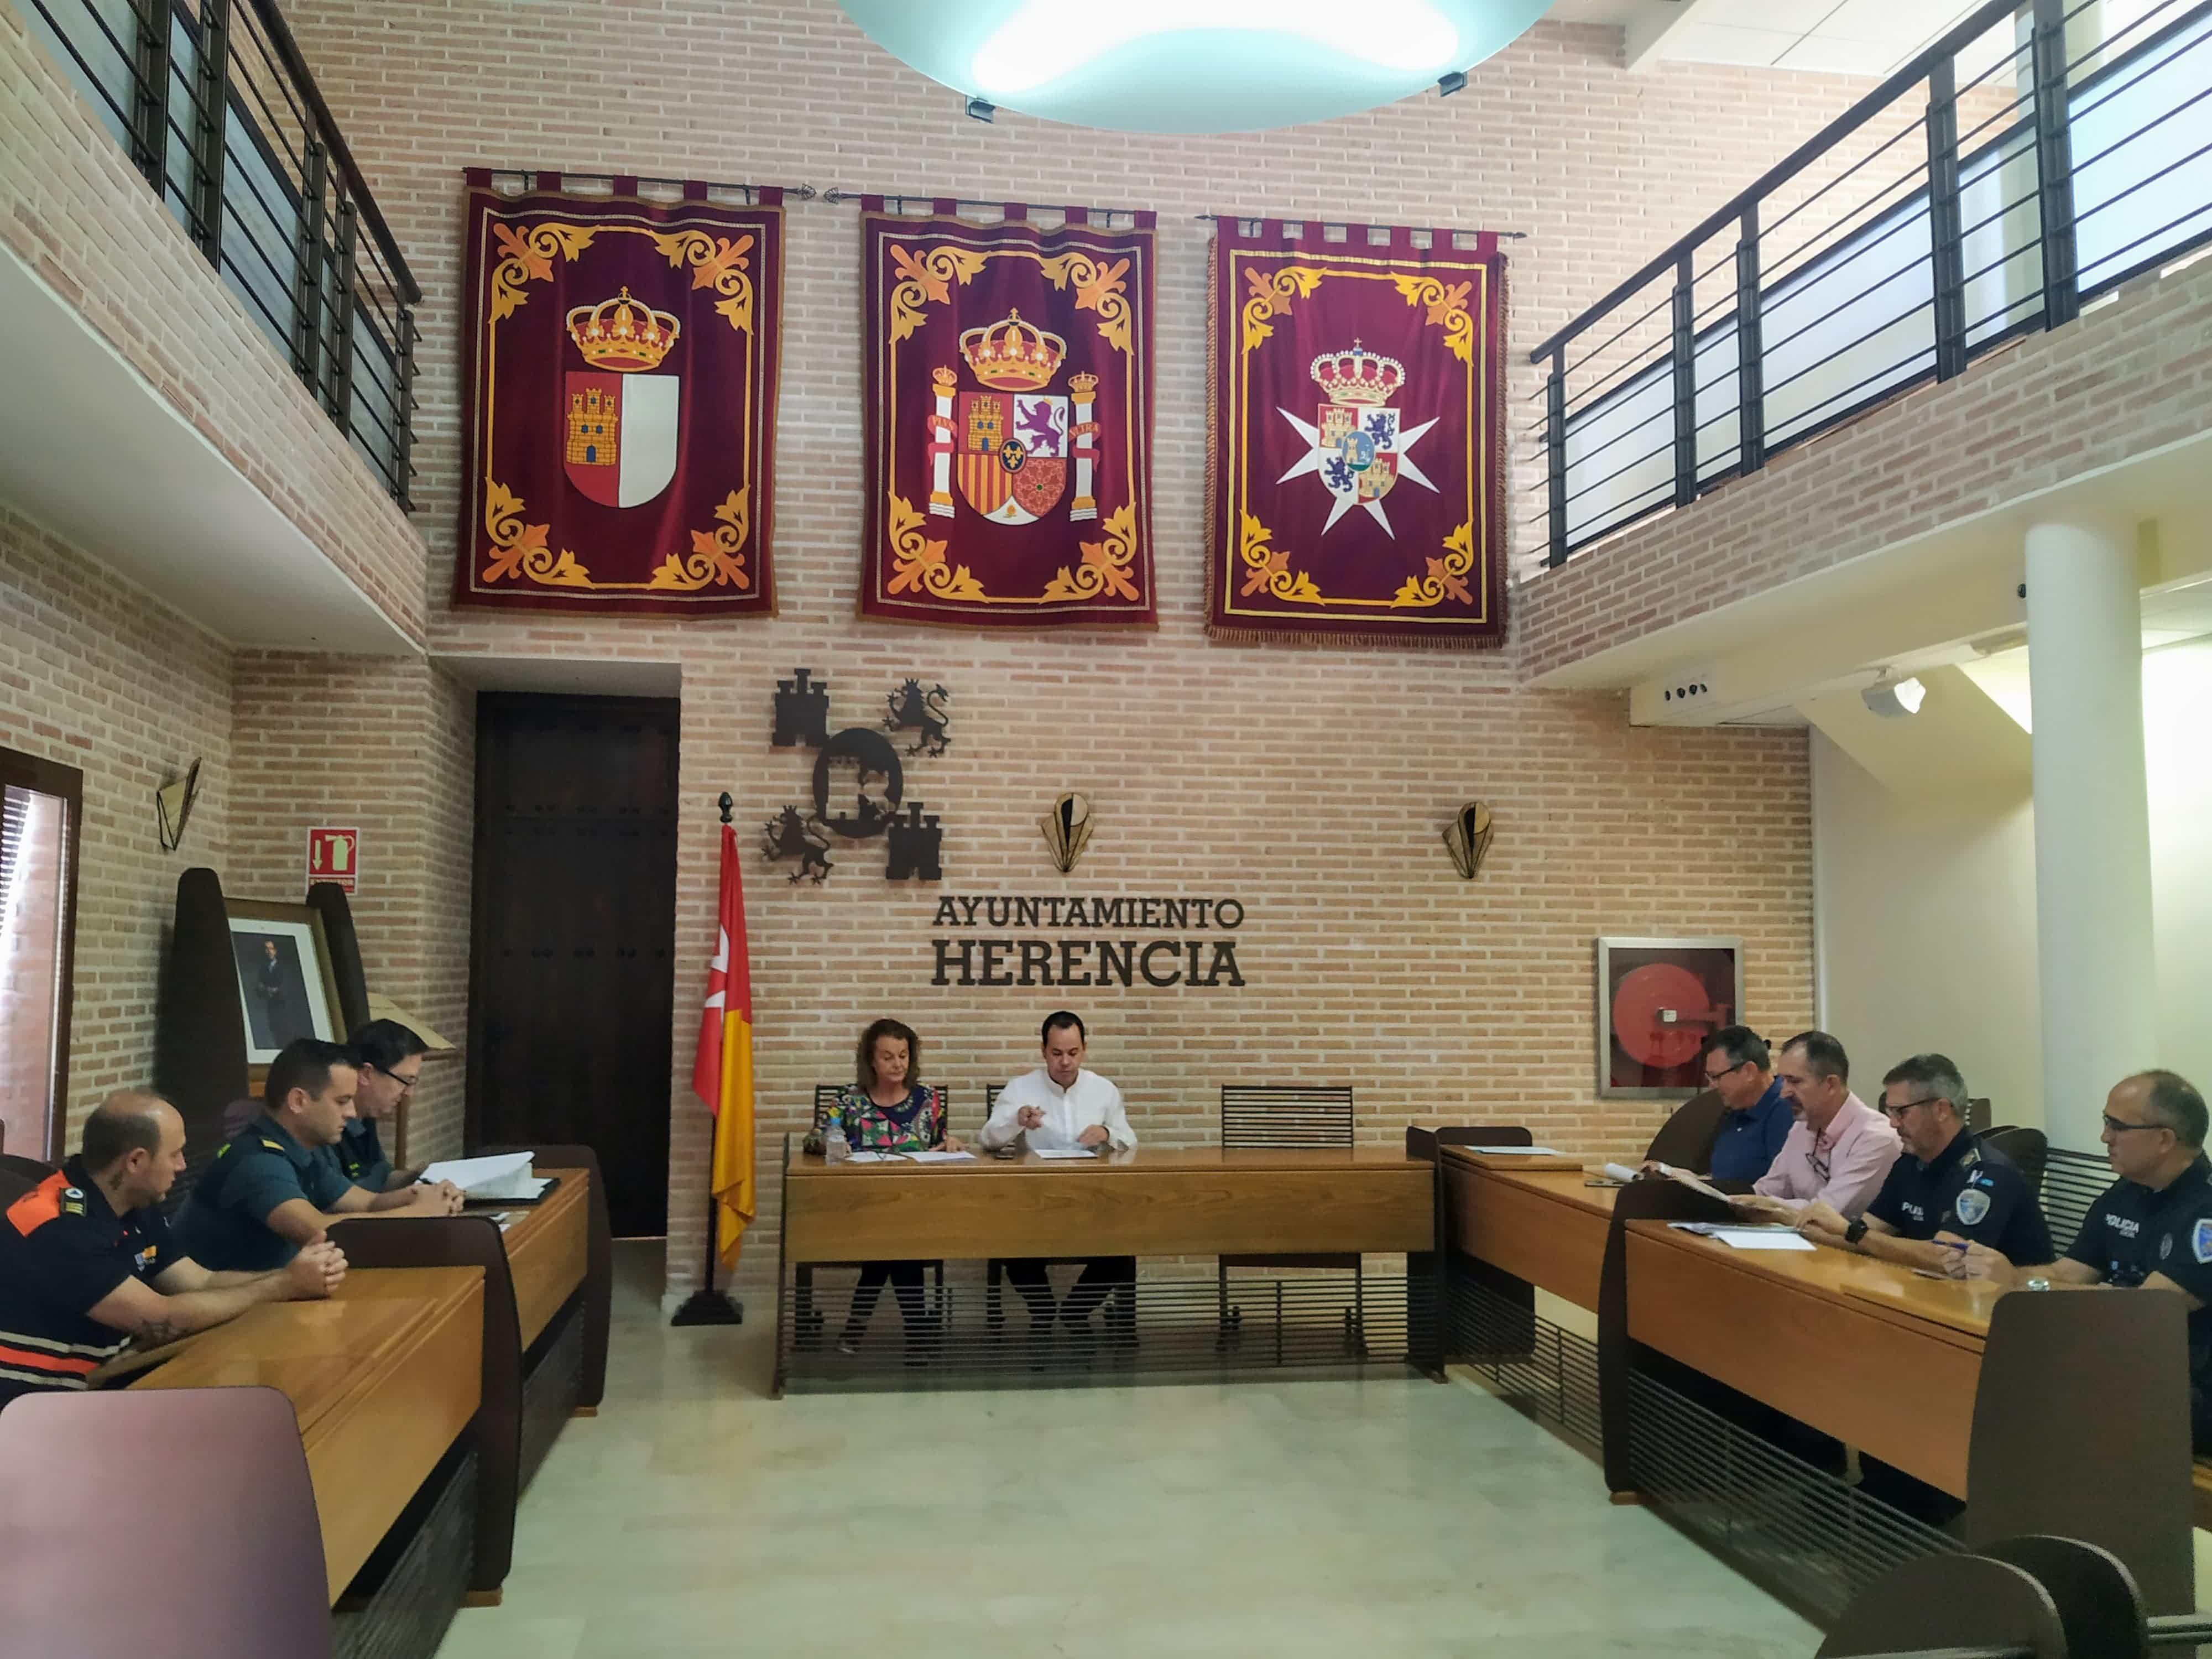 La Junta Local de Seguridad se coordina para la Feria y Fiestas de Herencia 5